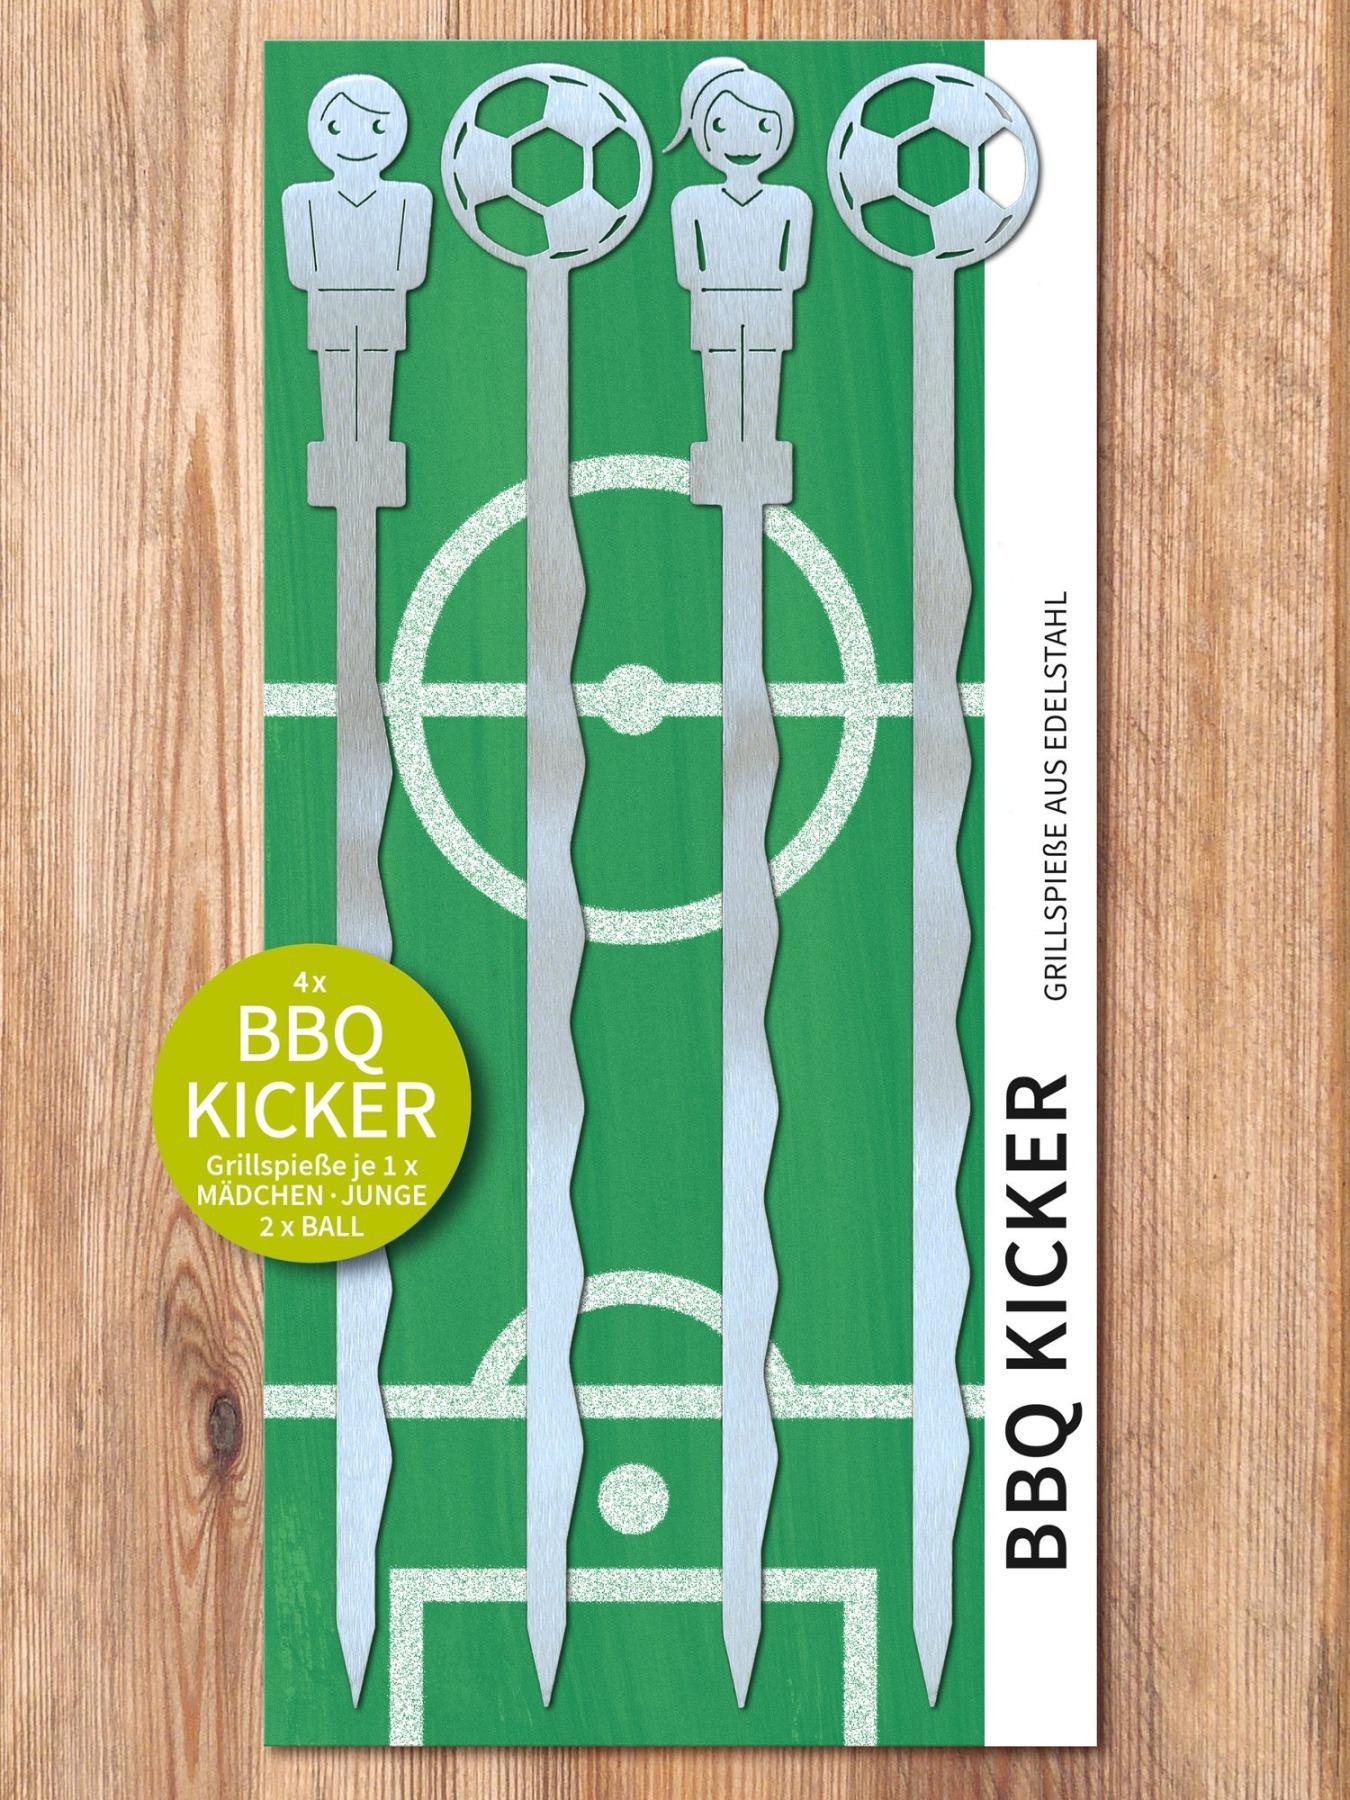 BBQ Kicker Grillspieße 2x - 2